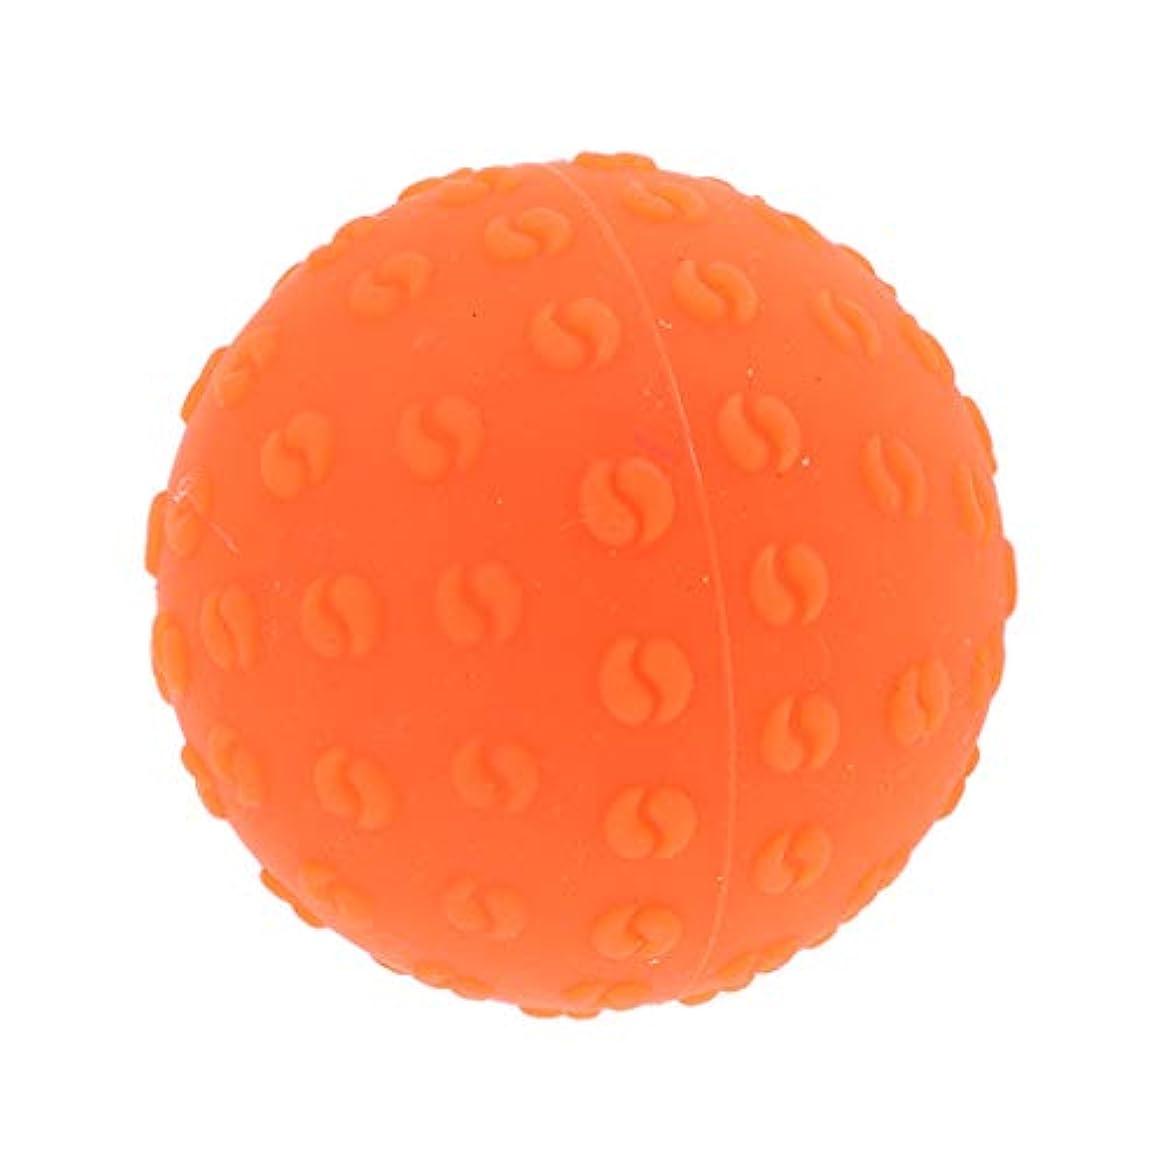 征服者アロングコンパニオンFenteer マッサージボール 指圧ボール シリコーン トリガーポイント 足底筋膜炎 ヨガ ツボ押しグッズ 全6色 - オレンジ, 説明のとおり